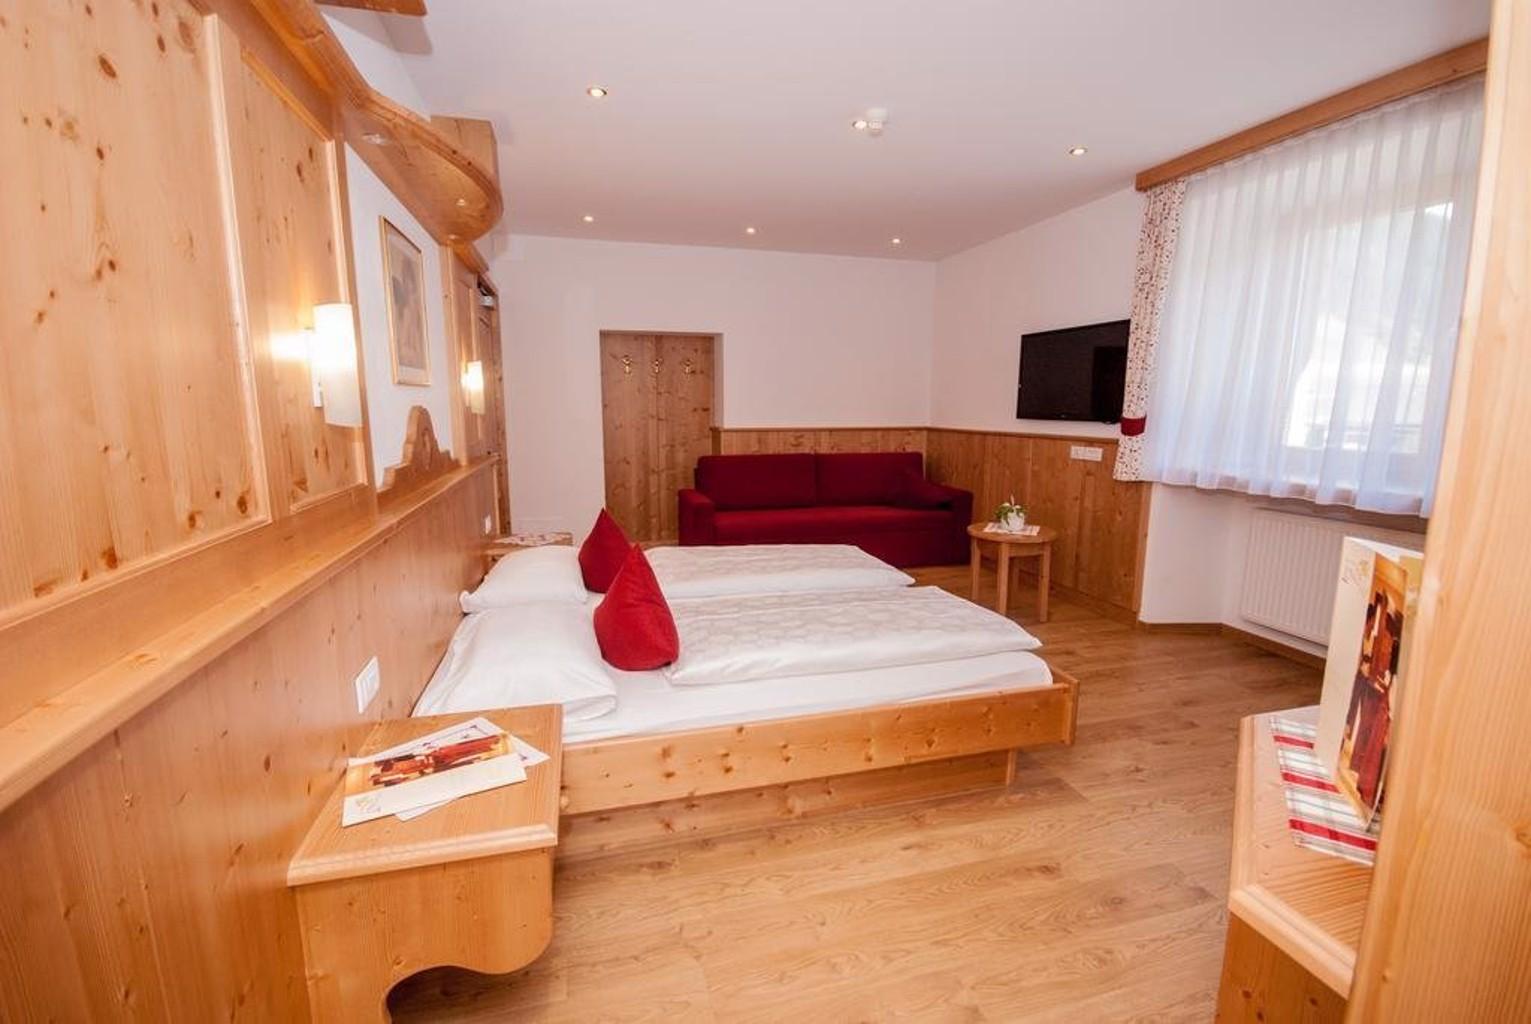 Gallery image of Hotel Löwe